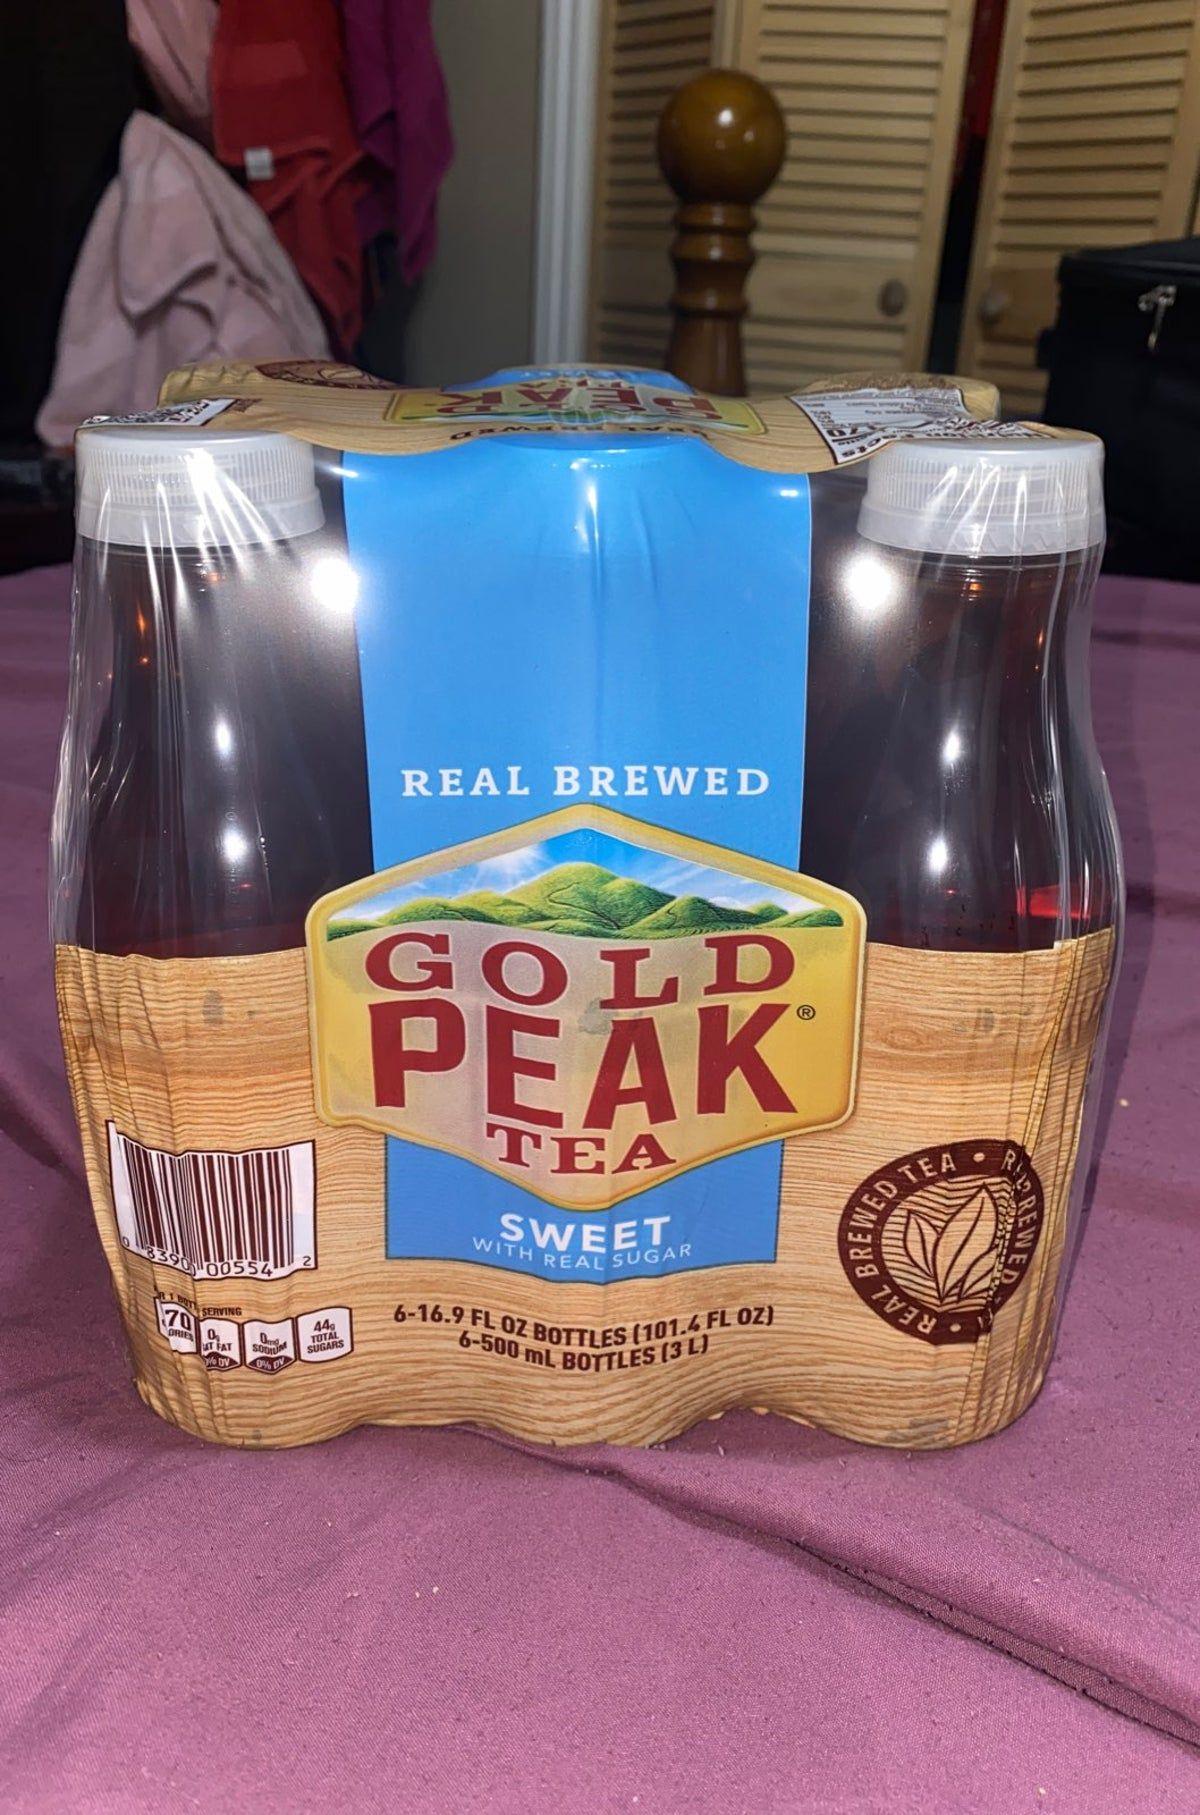 Gold Peak Diet Iced Tea Ingredients